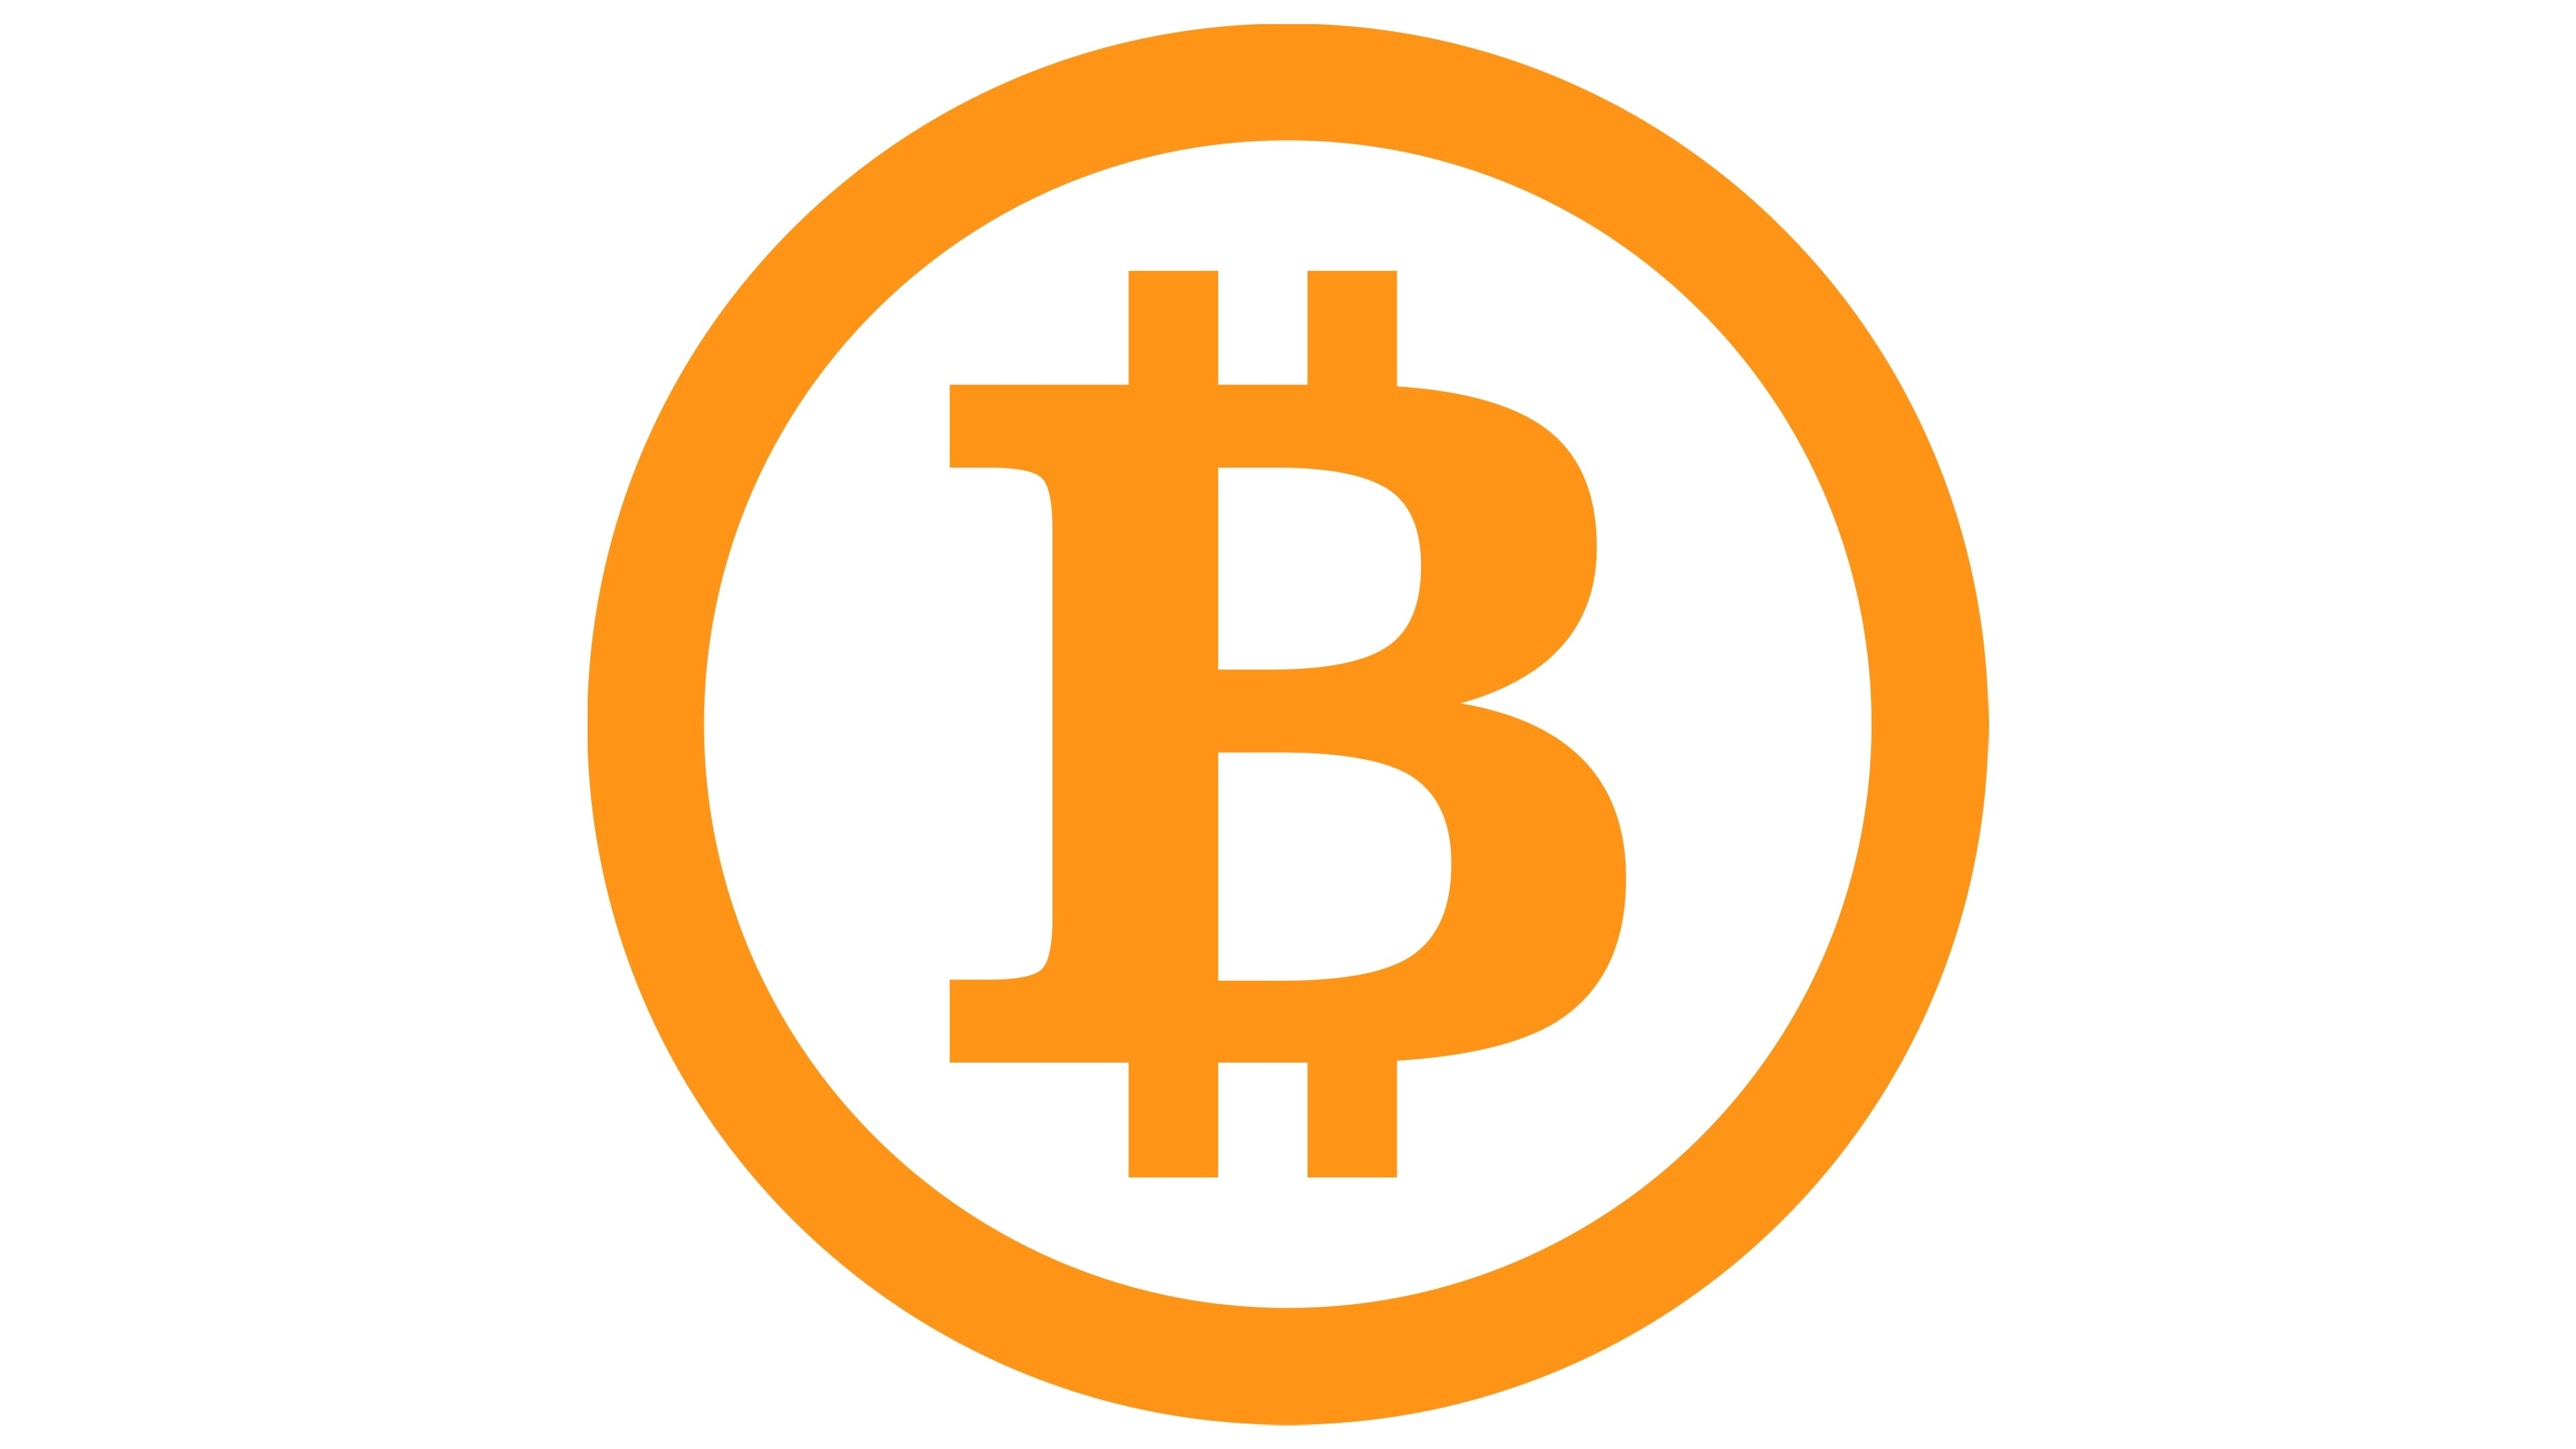 simbolo di bitcoin monero bitcoin scambio